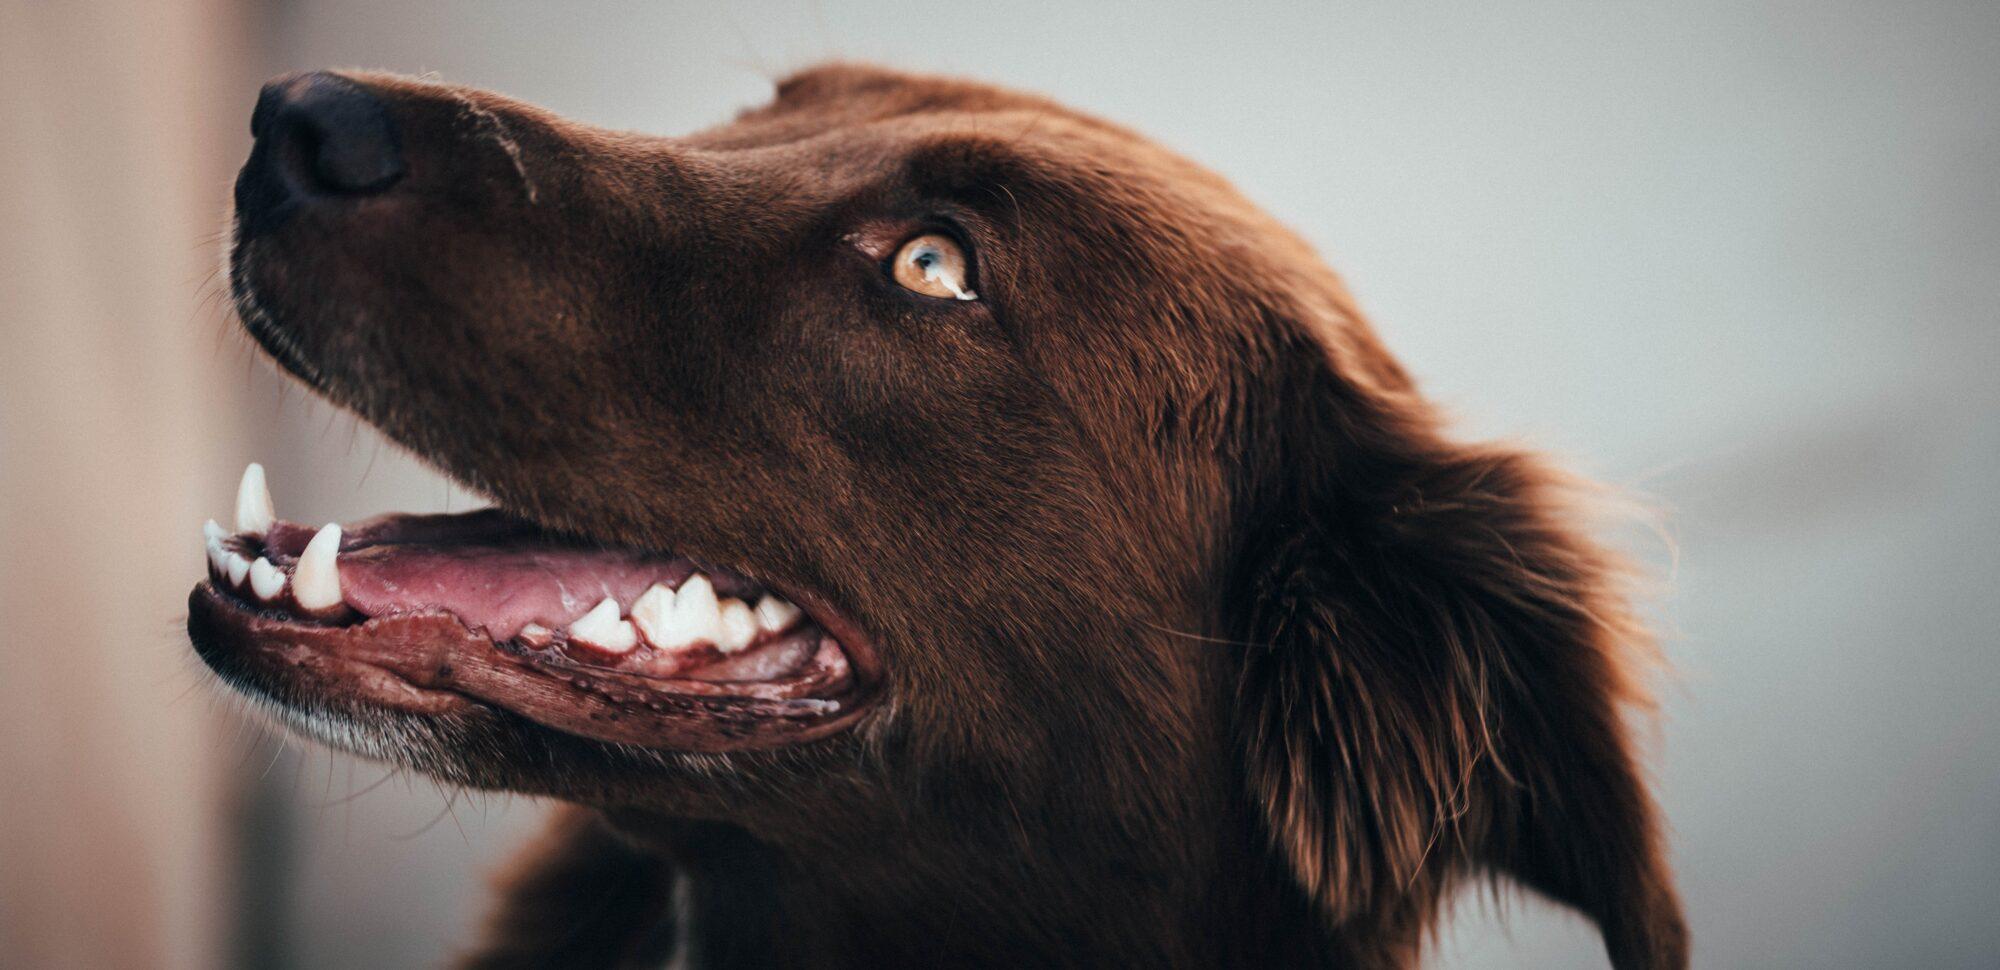 Tandrensning hund – gør noget godt for din bedste ven